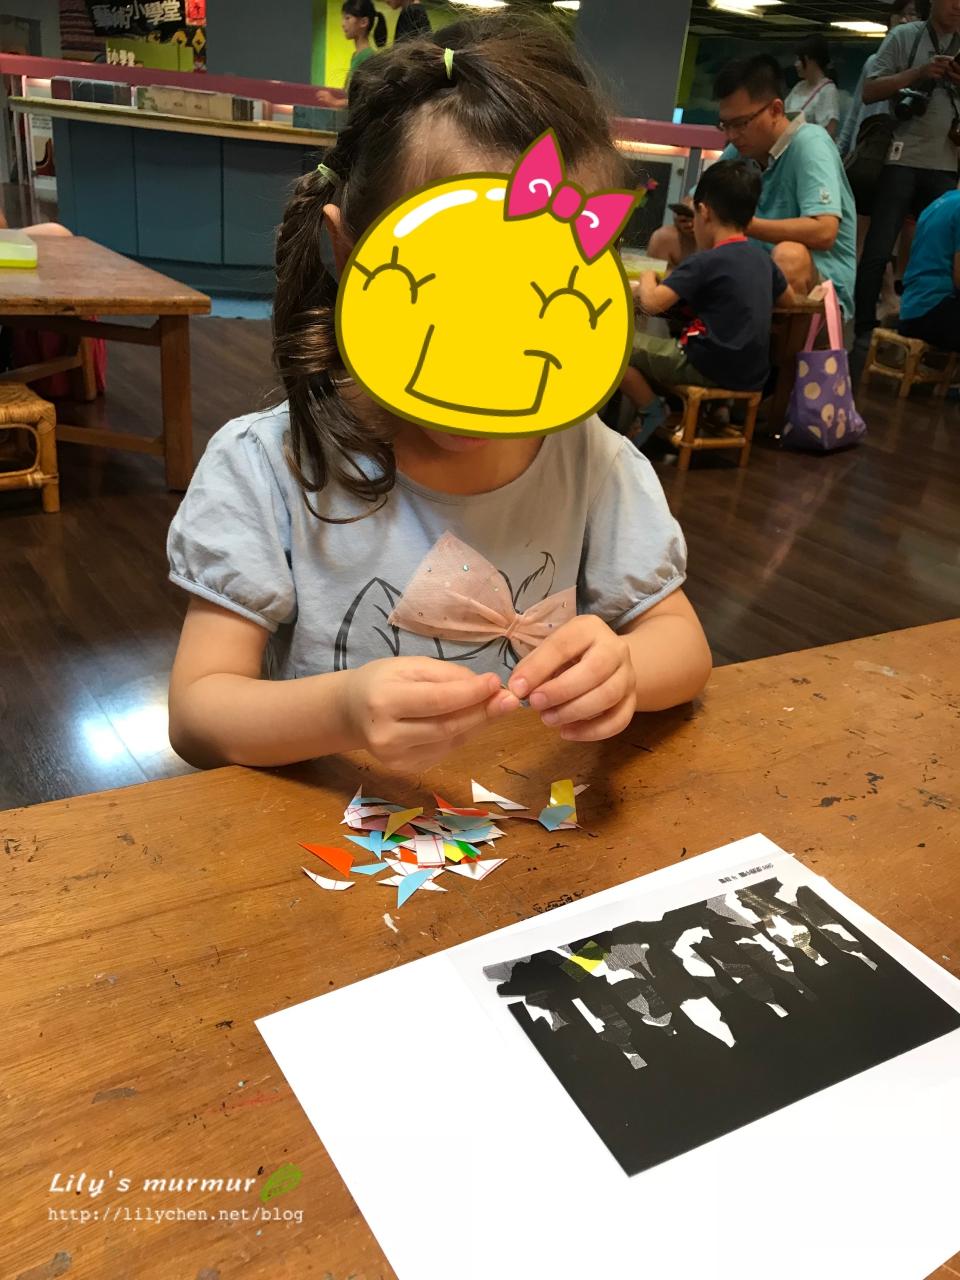 小妮正在色紙片的背膠,要貼到印好城市圖案的投影膠片上。